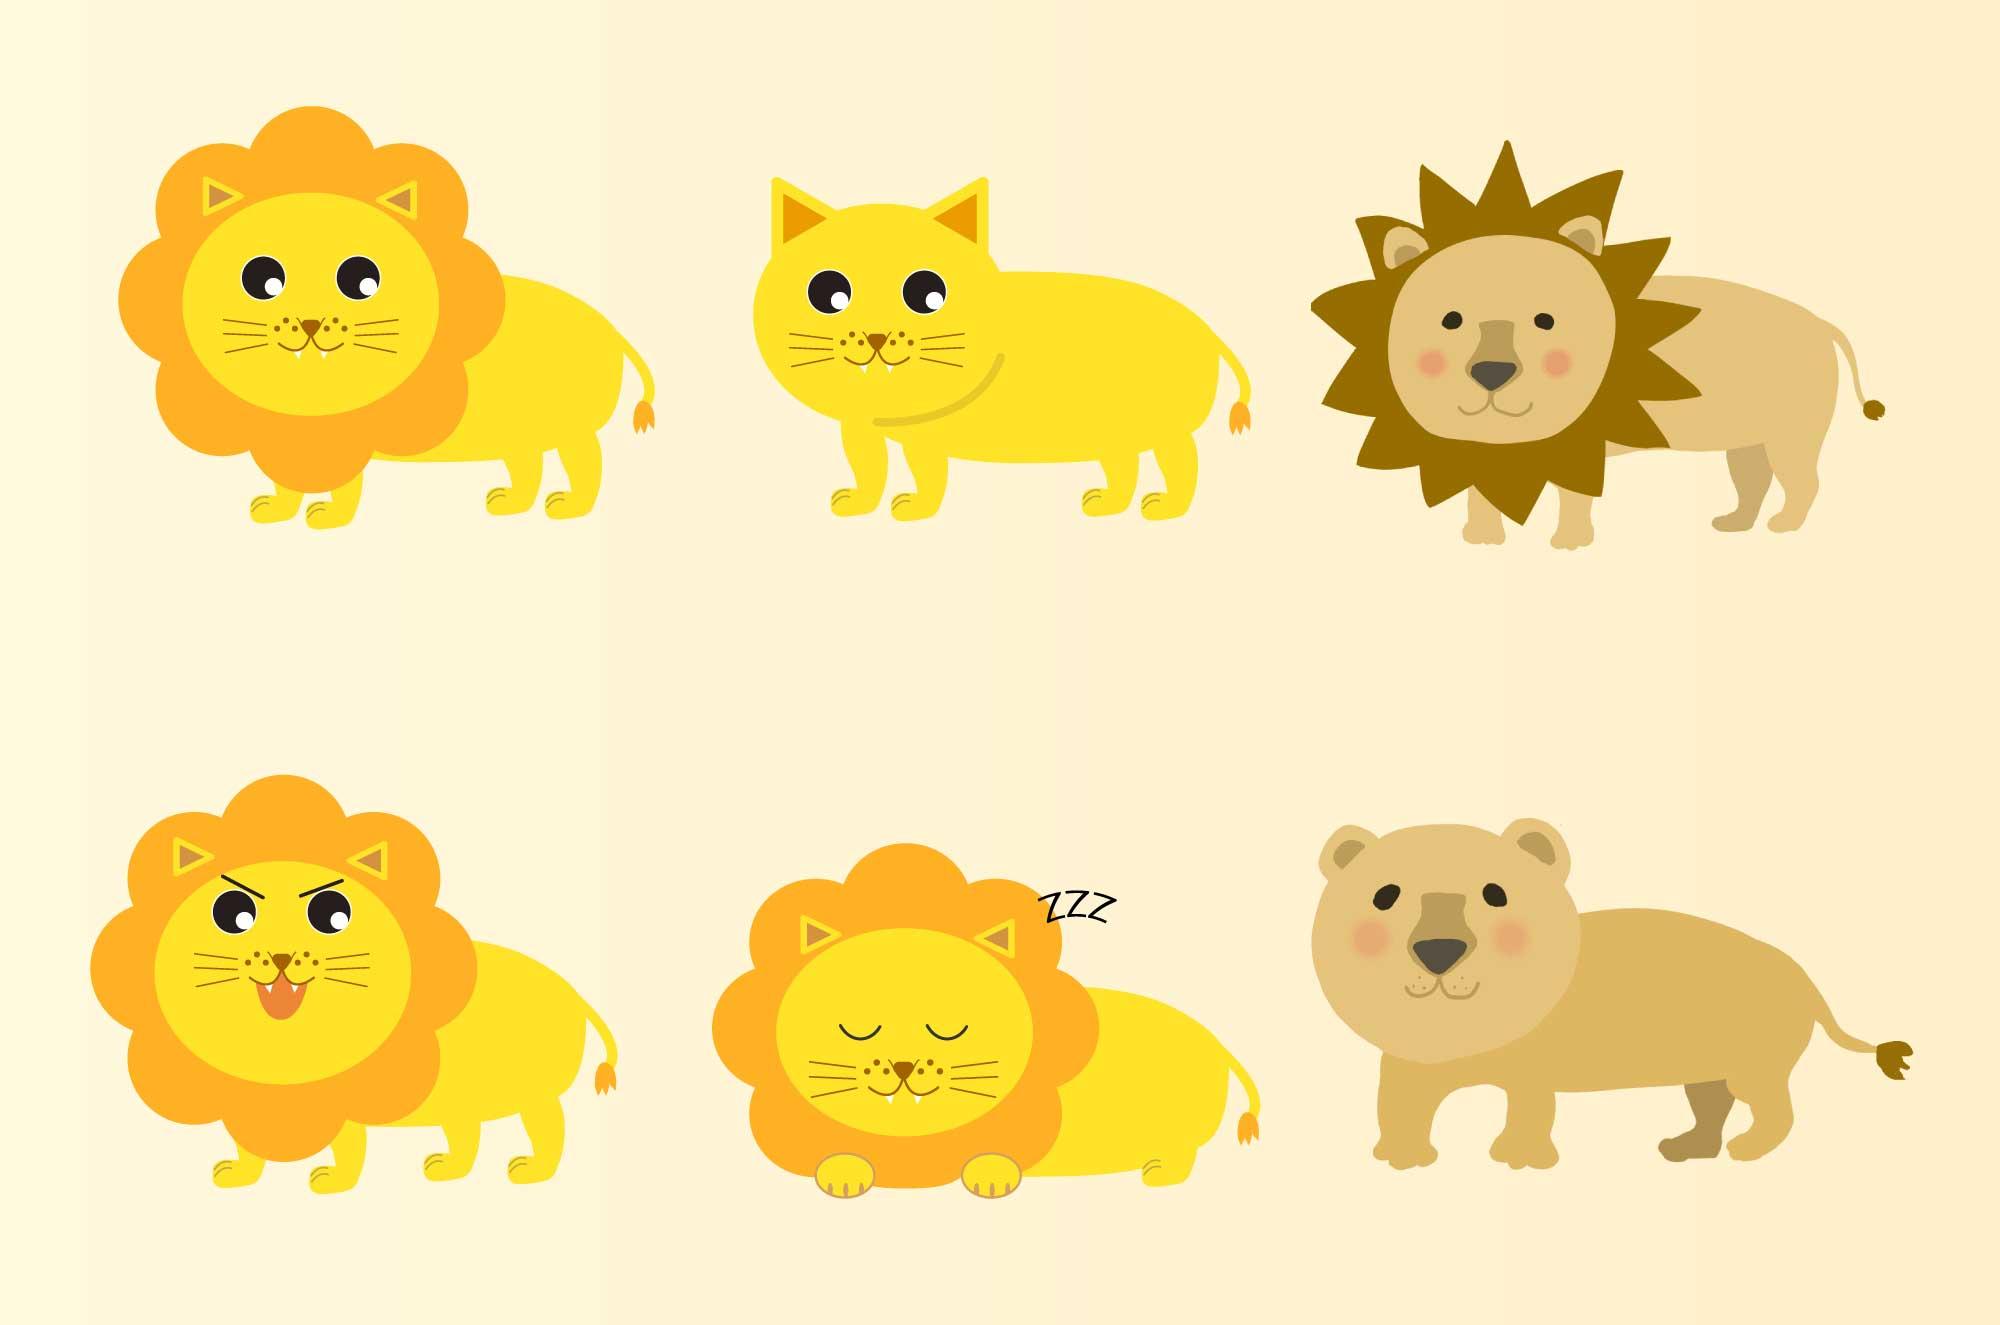 ライオンのフリーイラスト - かわいい動物の無料素材